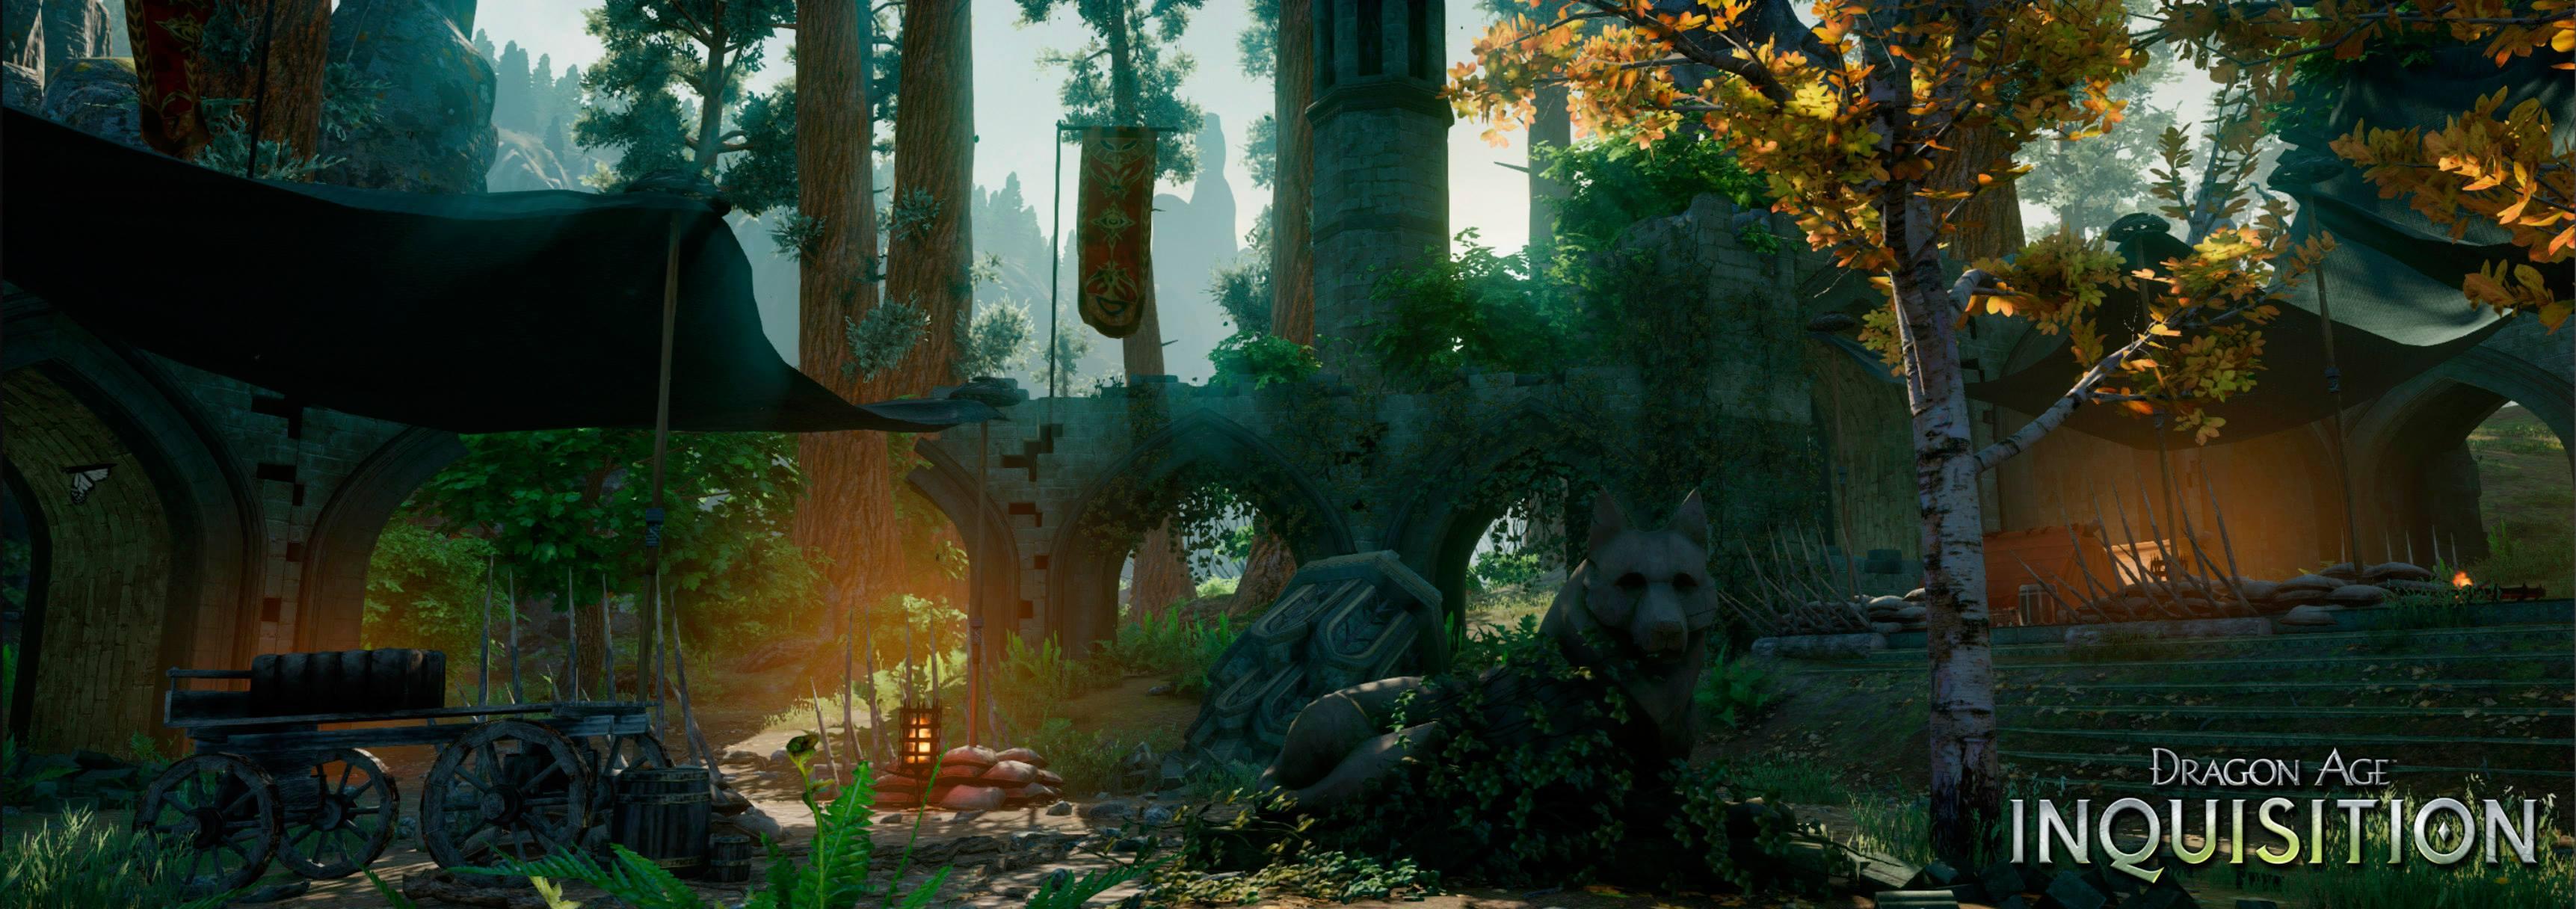 Dragon Age: Inquisition Screenshots Enter Emerald Graves, Empire du Lion #31367